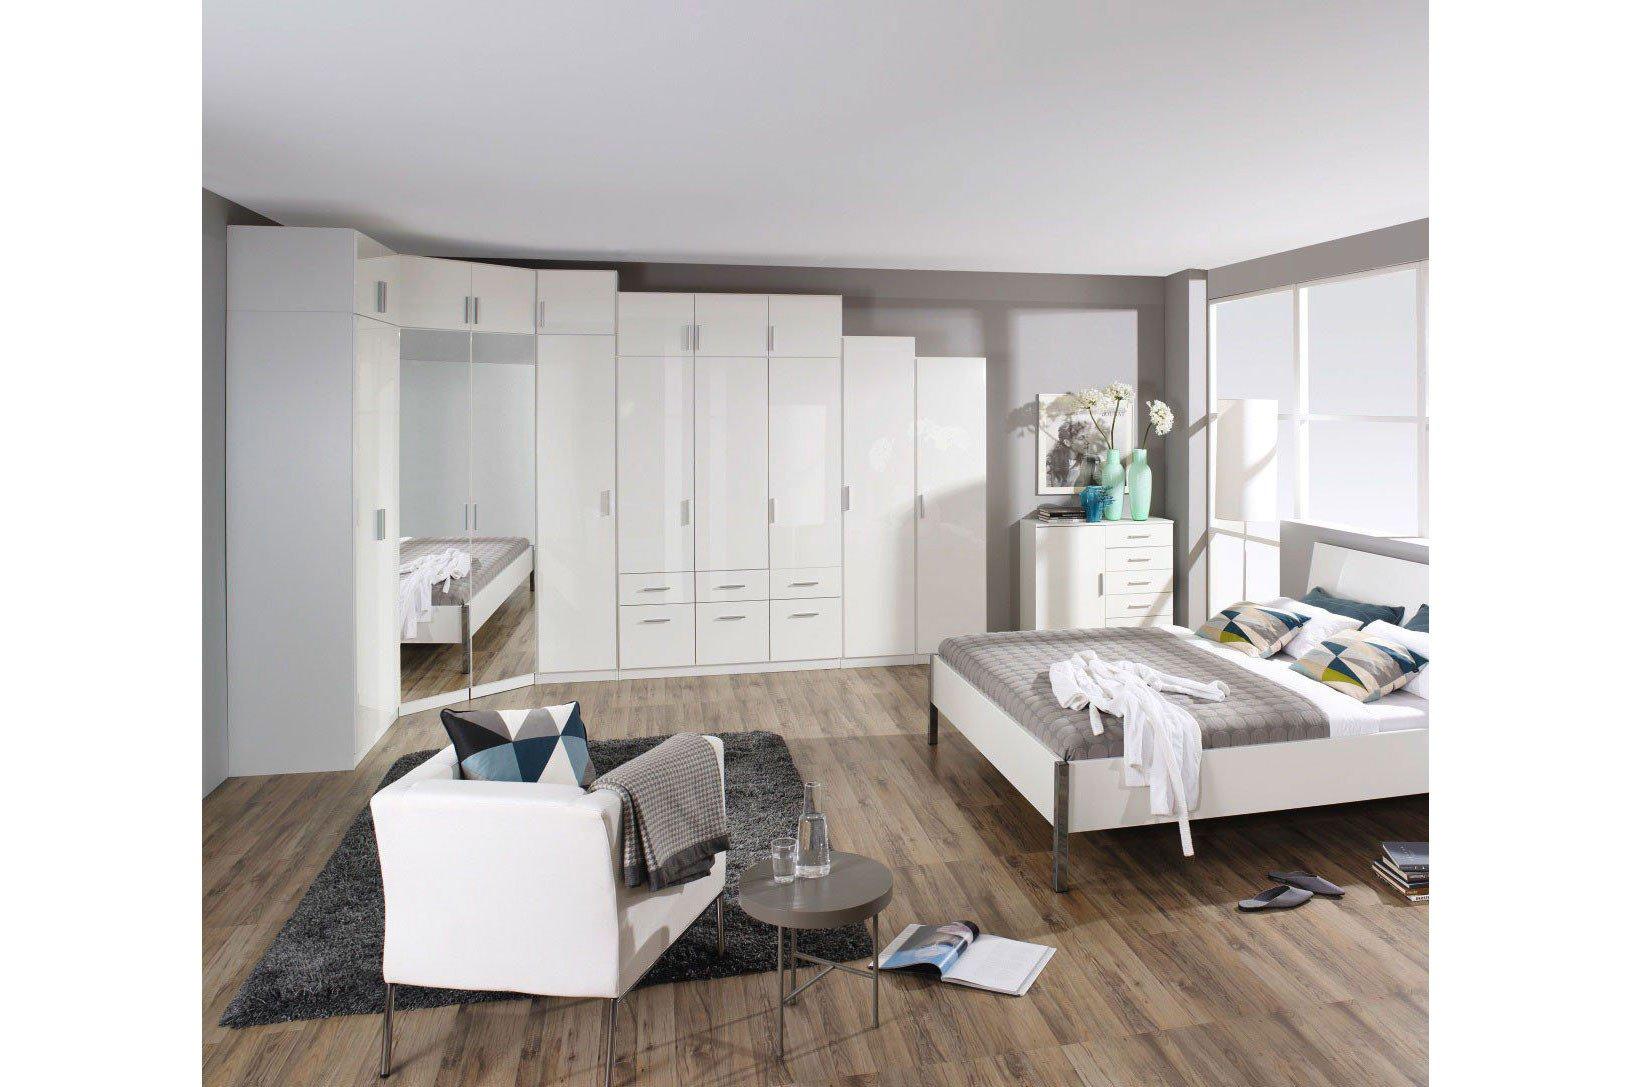 eint rige kleiderschr nke kaufen schlafzimmer tapete modern bettw sche pastell led wandleuchte. Black Bedroom Furniture Sets. Home Design Ideas